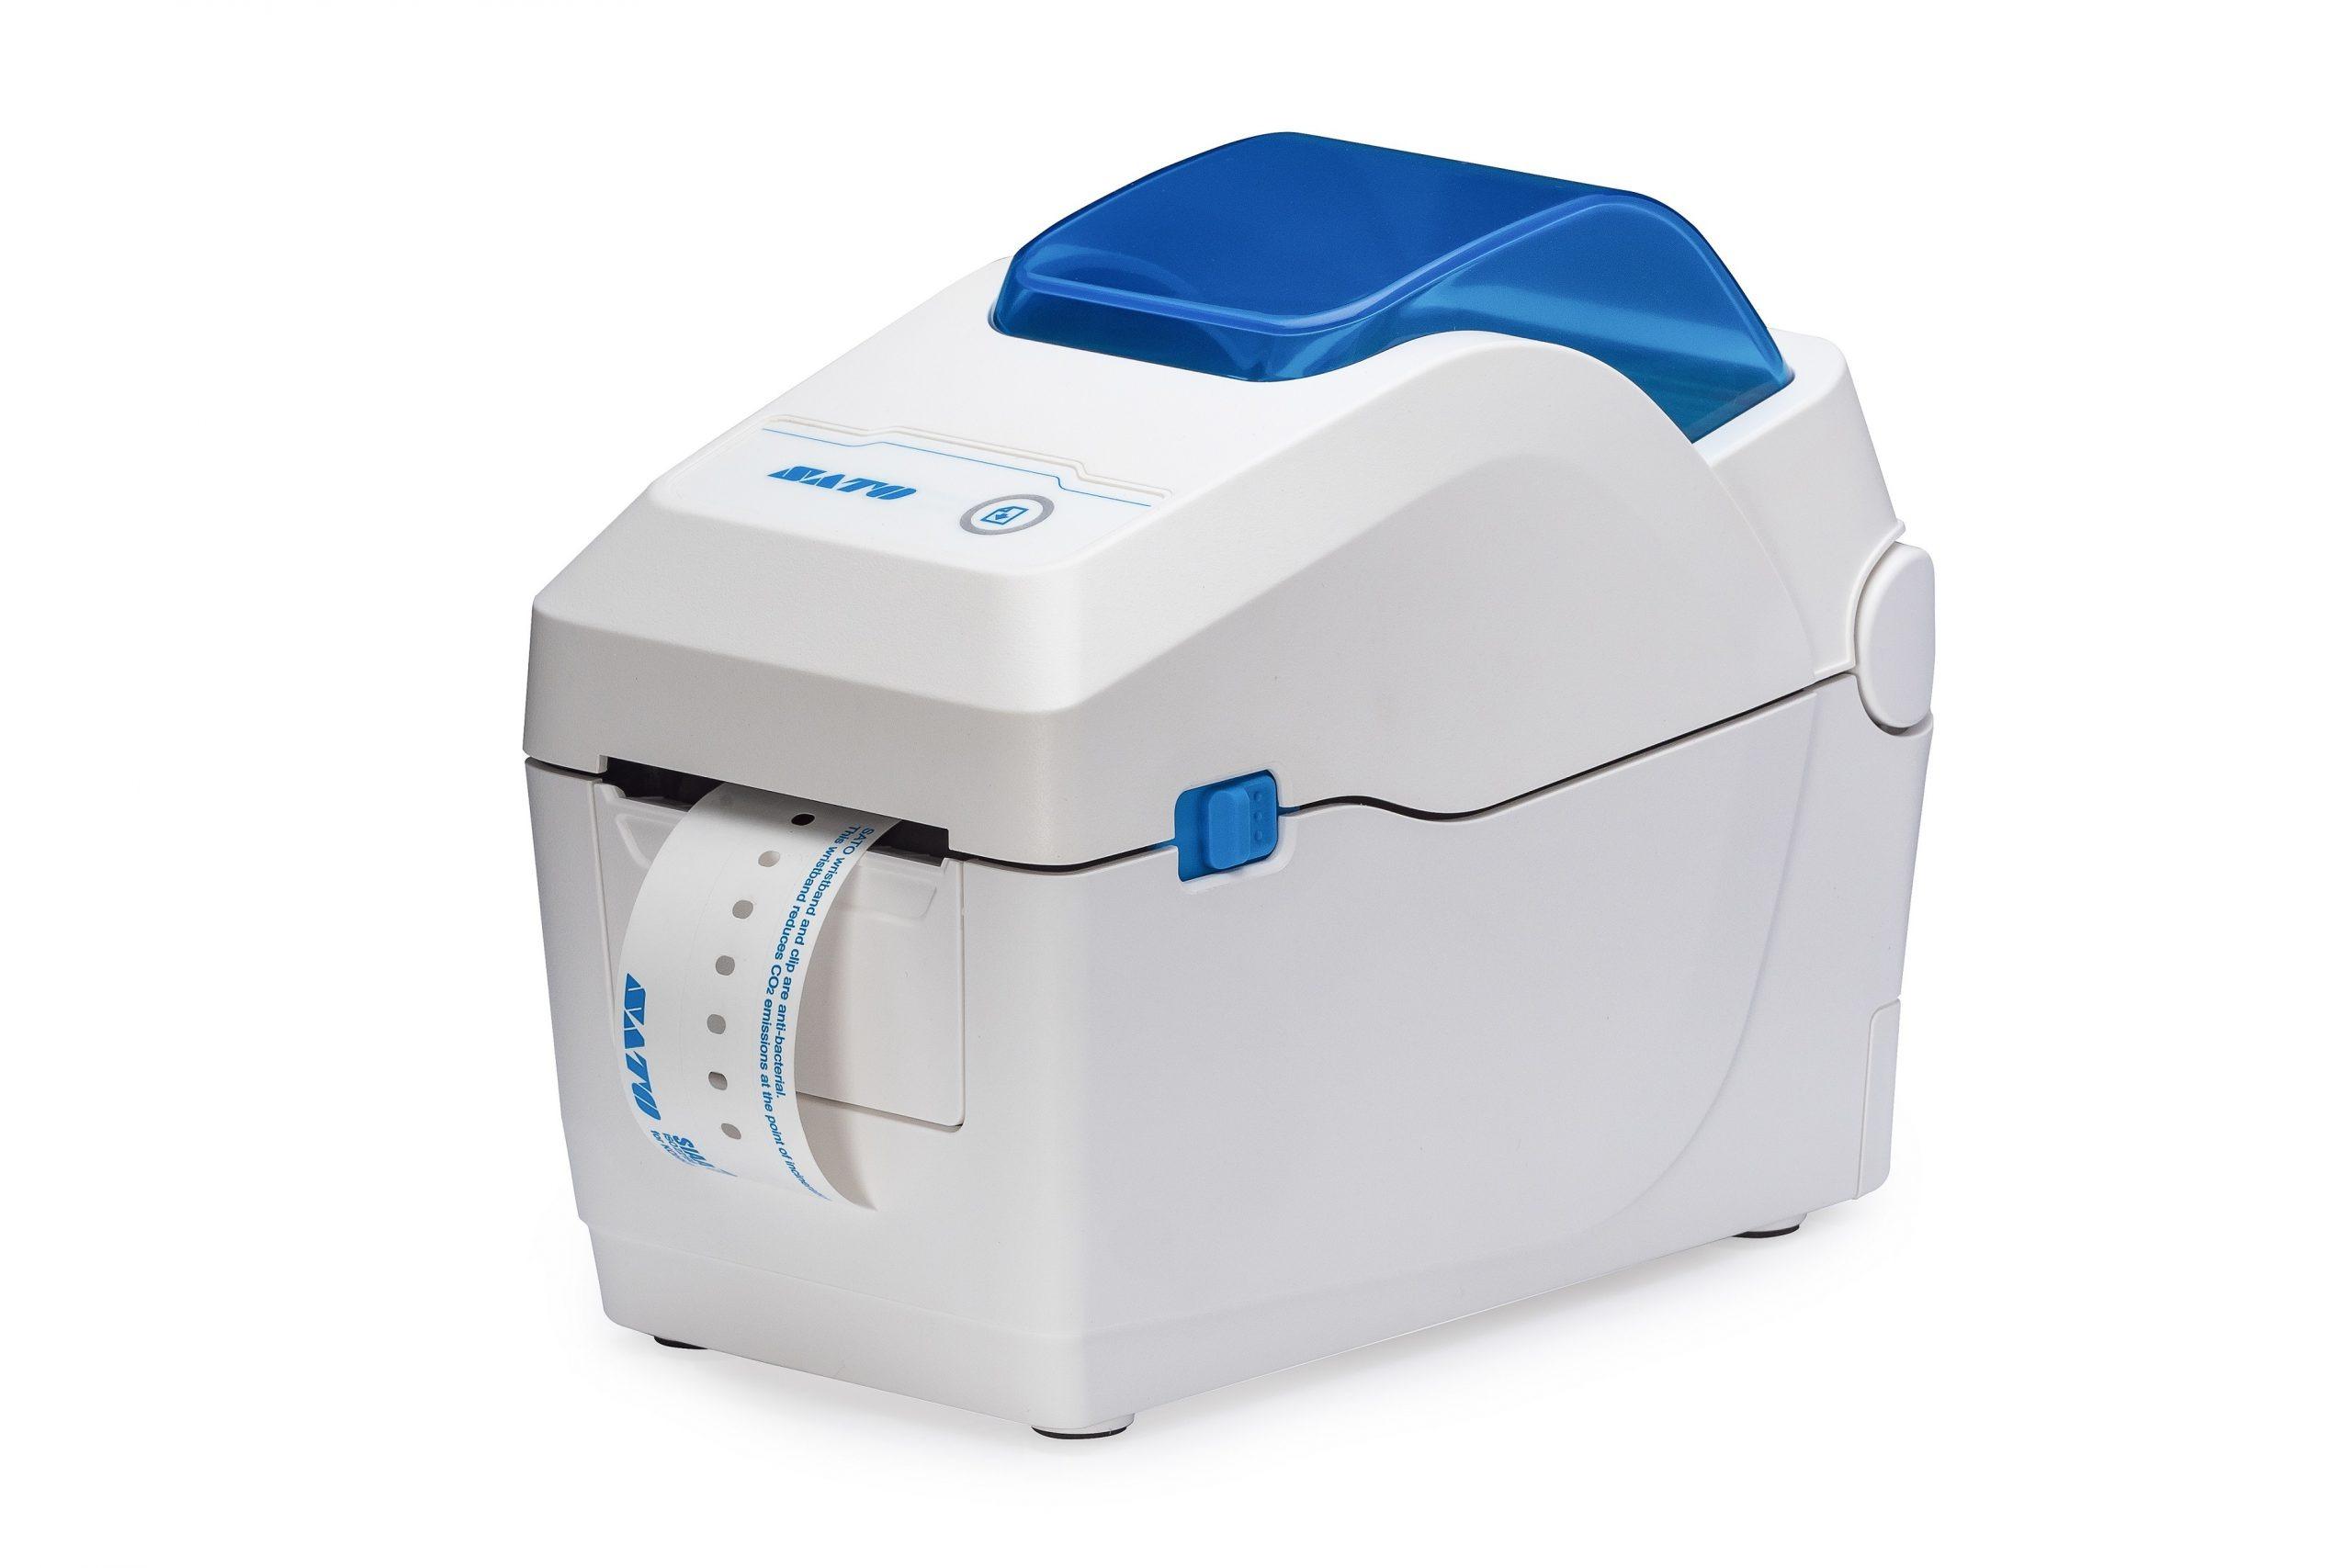 SATO WS2 Healthcare Barcode Printers